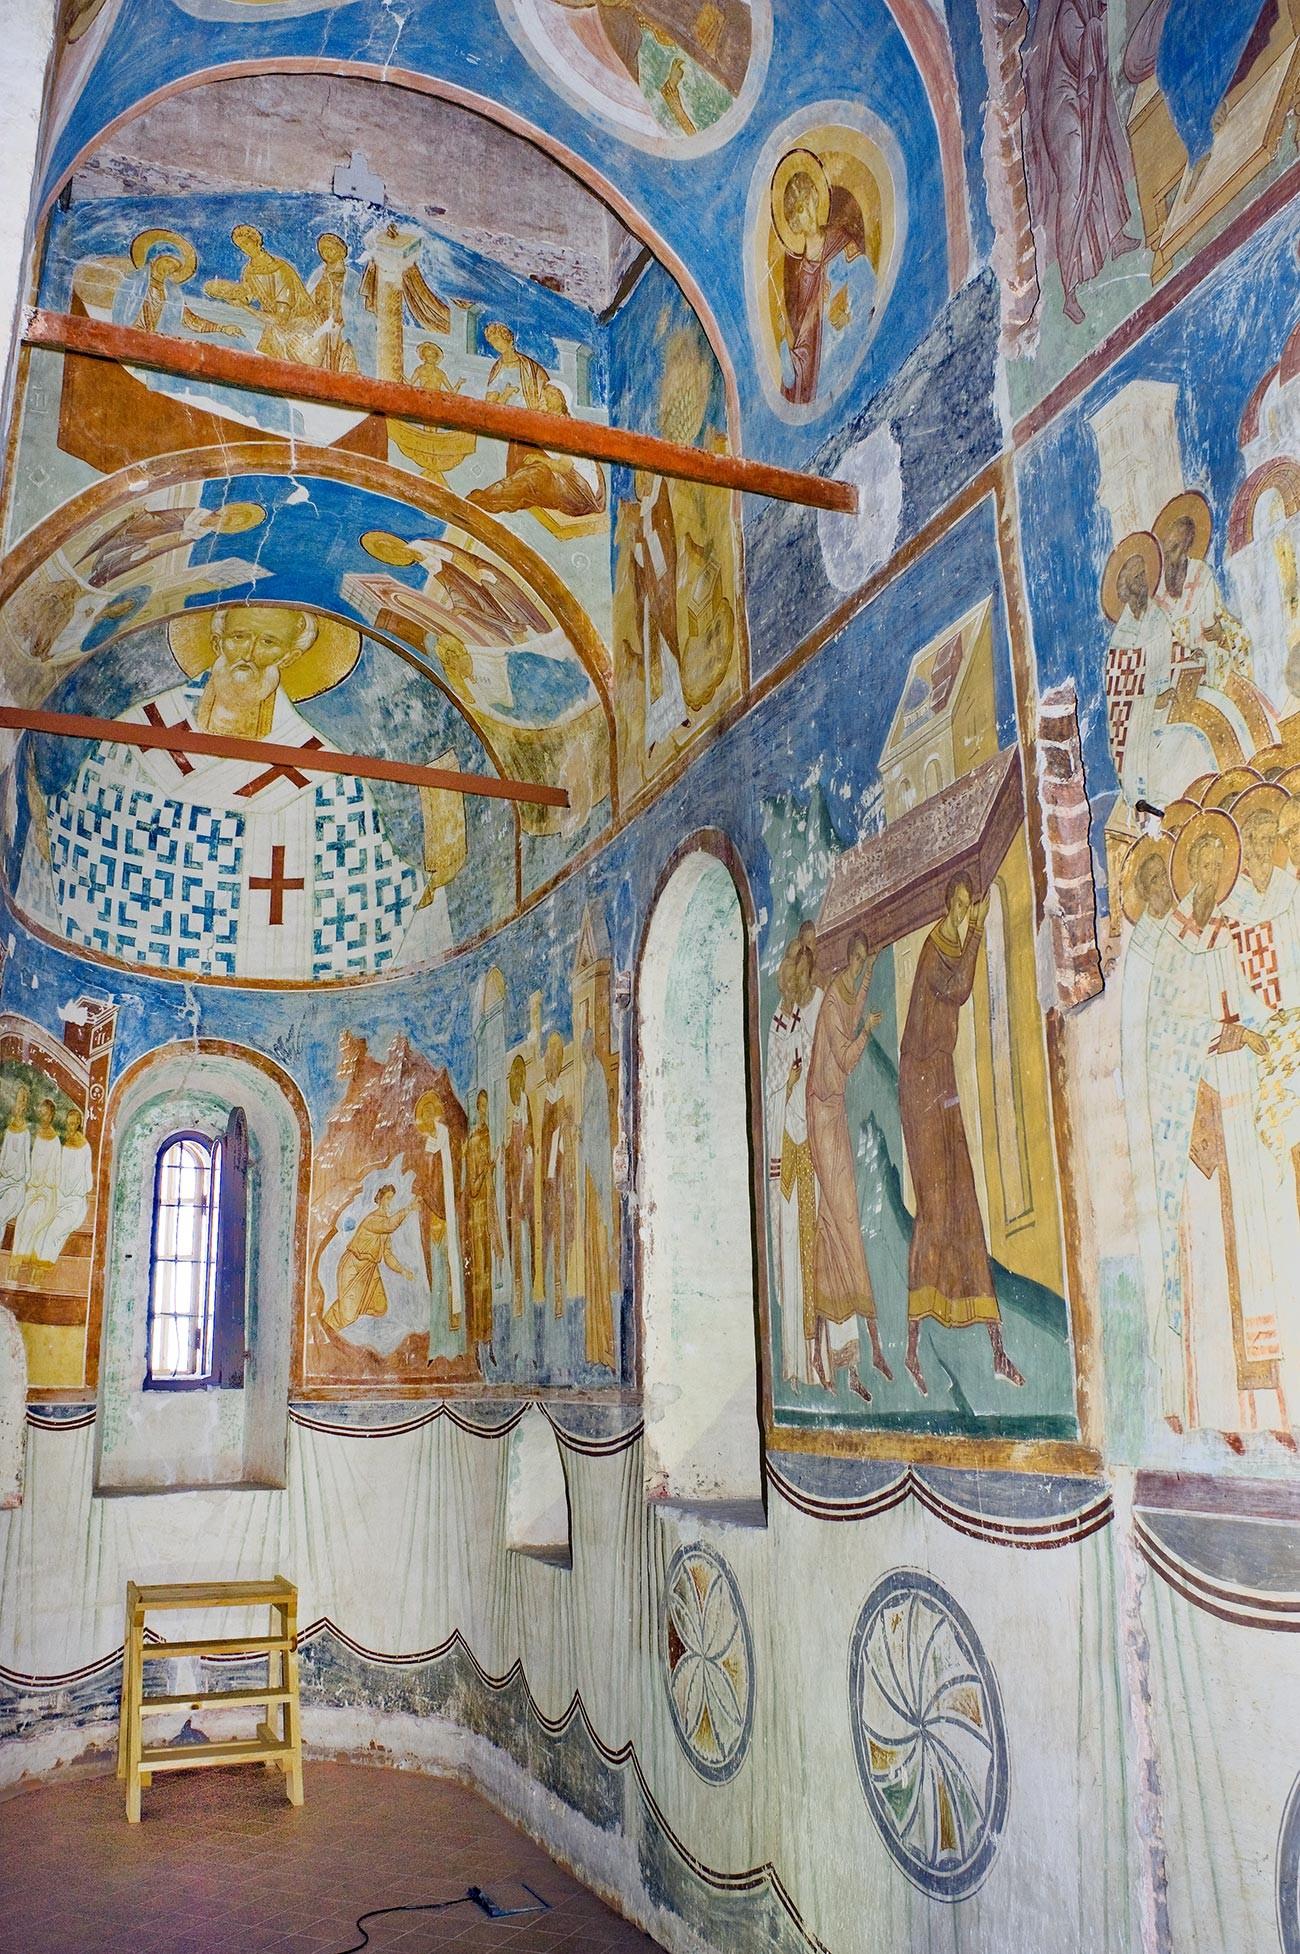 Cathédrale de la Nativité. Abside sud avec fresques de Saint-Nicolas